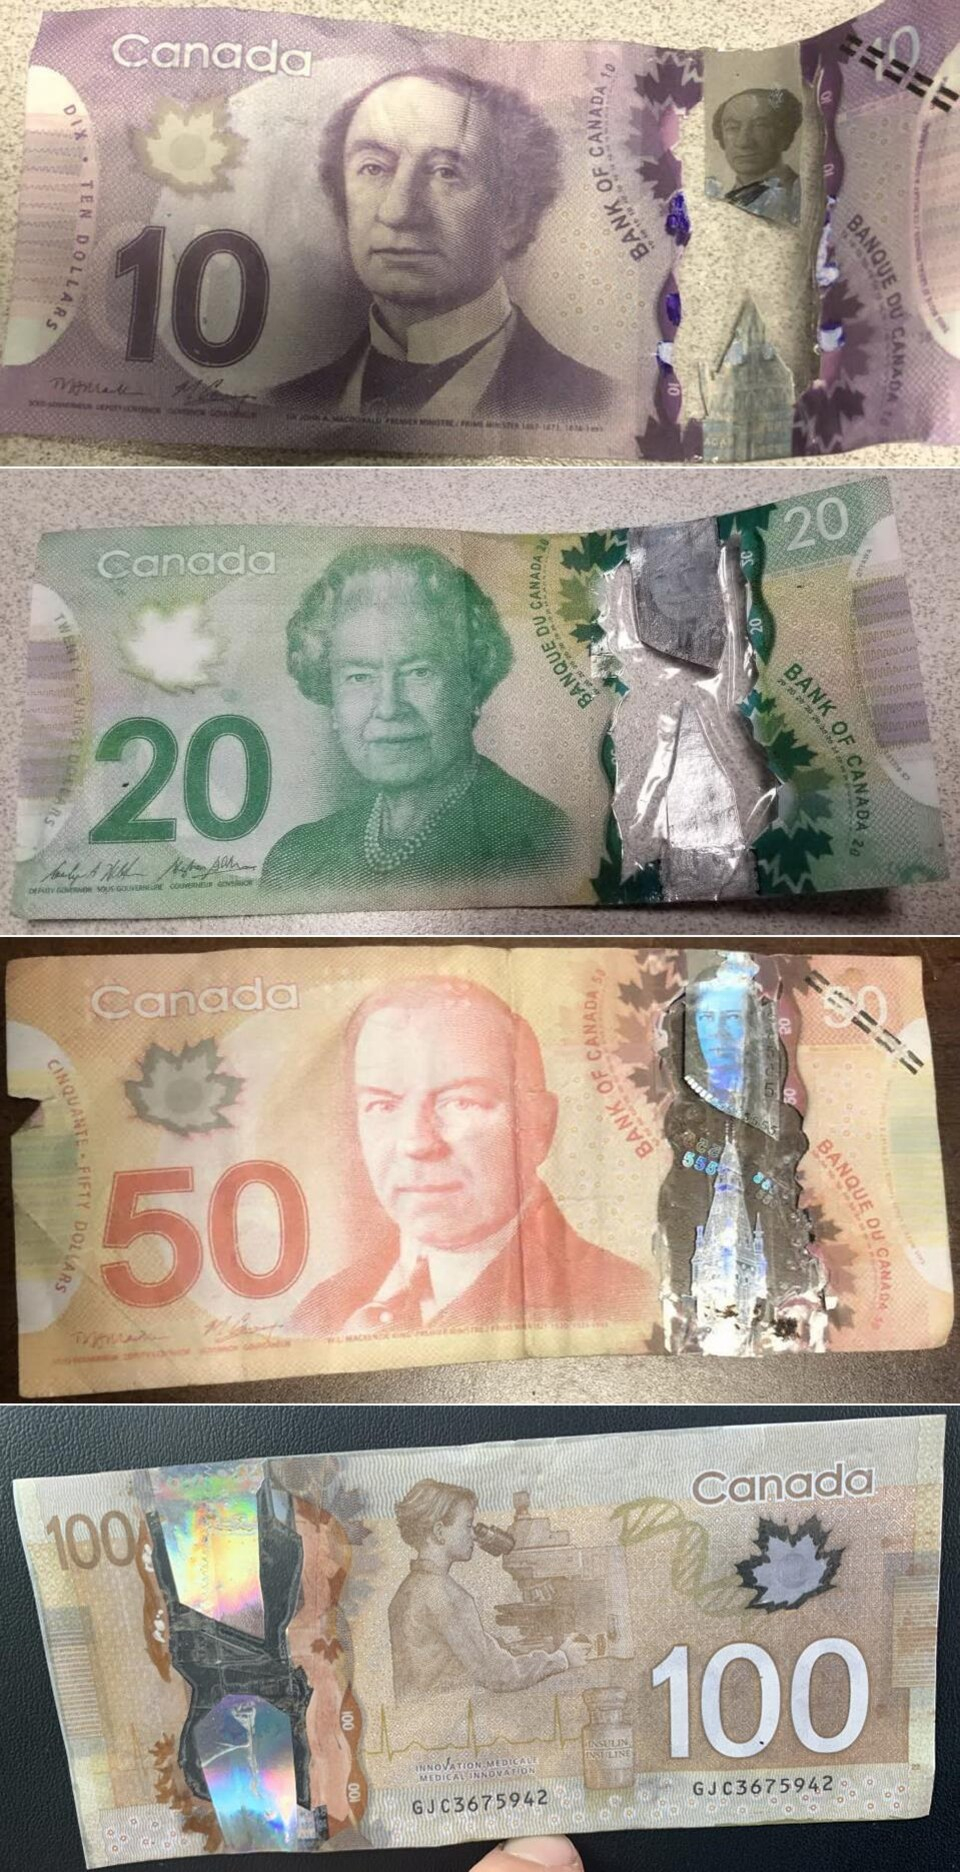 Plusieurs Faux Billets De Banque Circulent À Moncton | Radio destiné Faux Billet A Imprimer